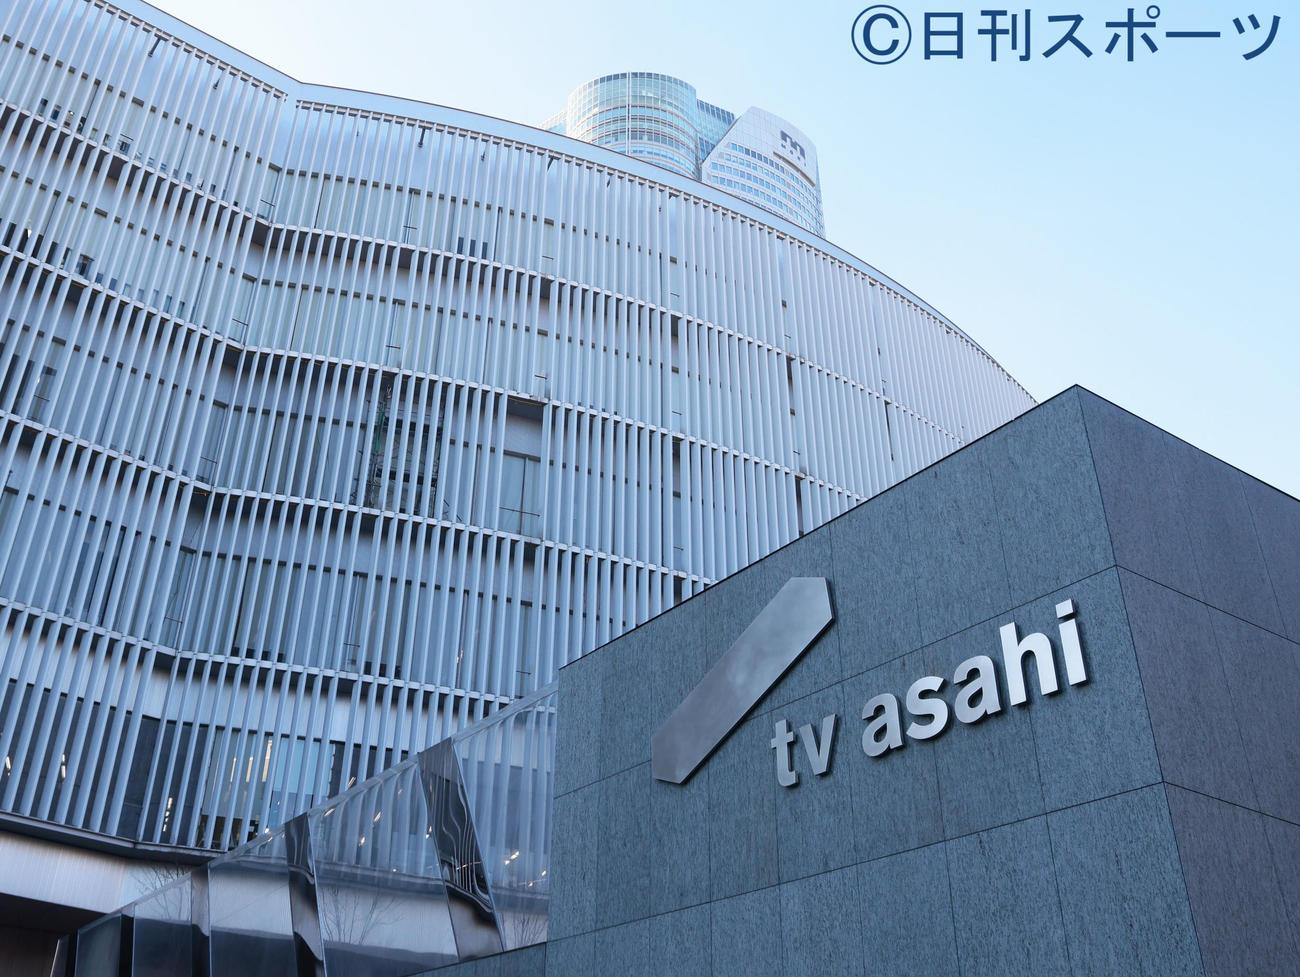 六本木のテレビ朝日本社(2021年1月撮影)